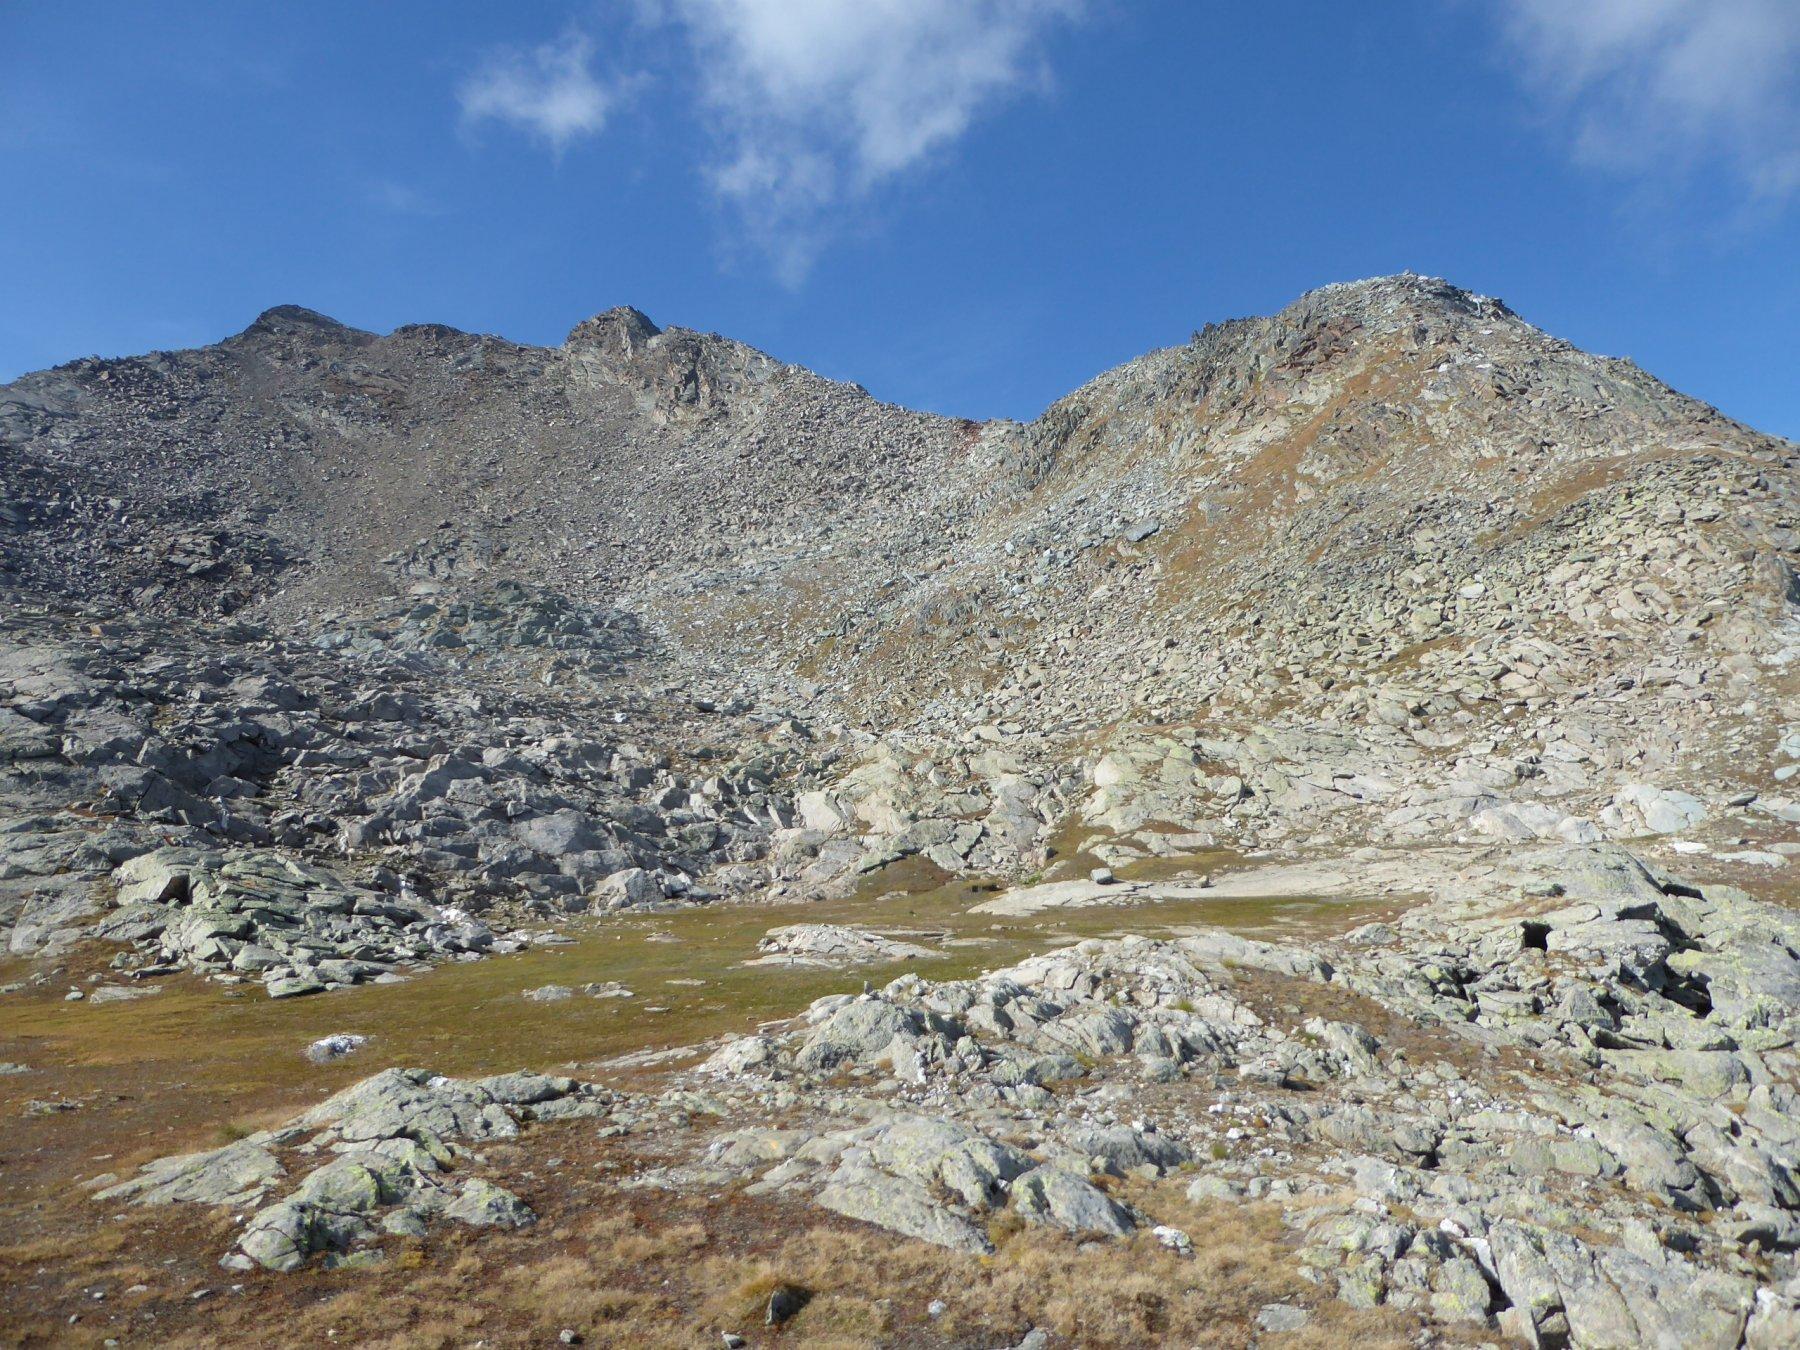 il bel ripiano a 2800 metri: in fondo, un po' spostata a sinistra, la nostra meta